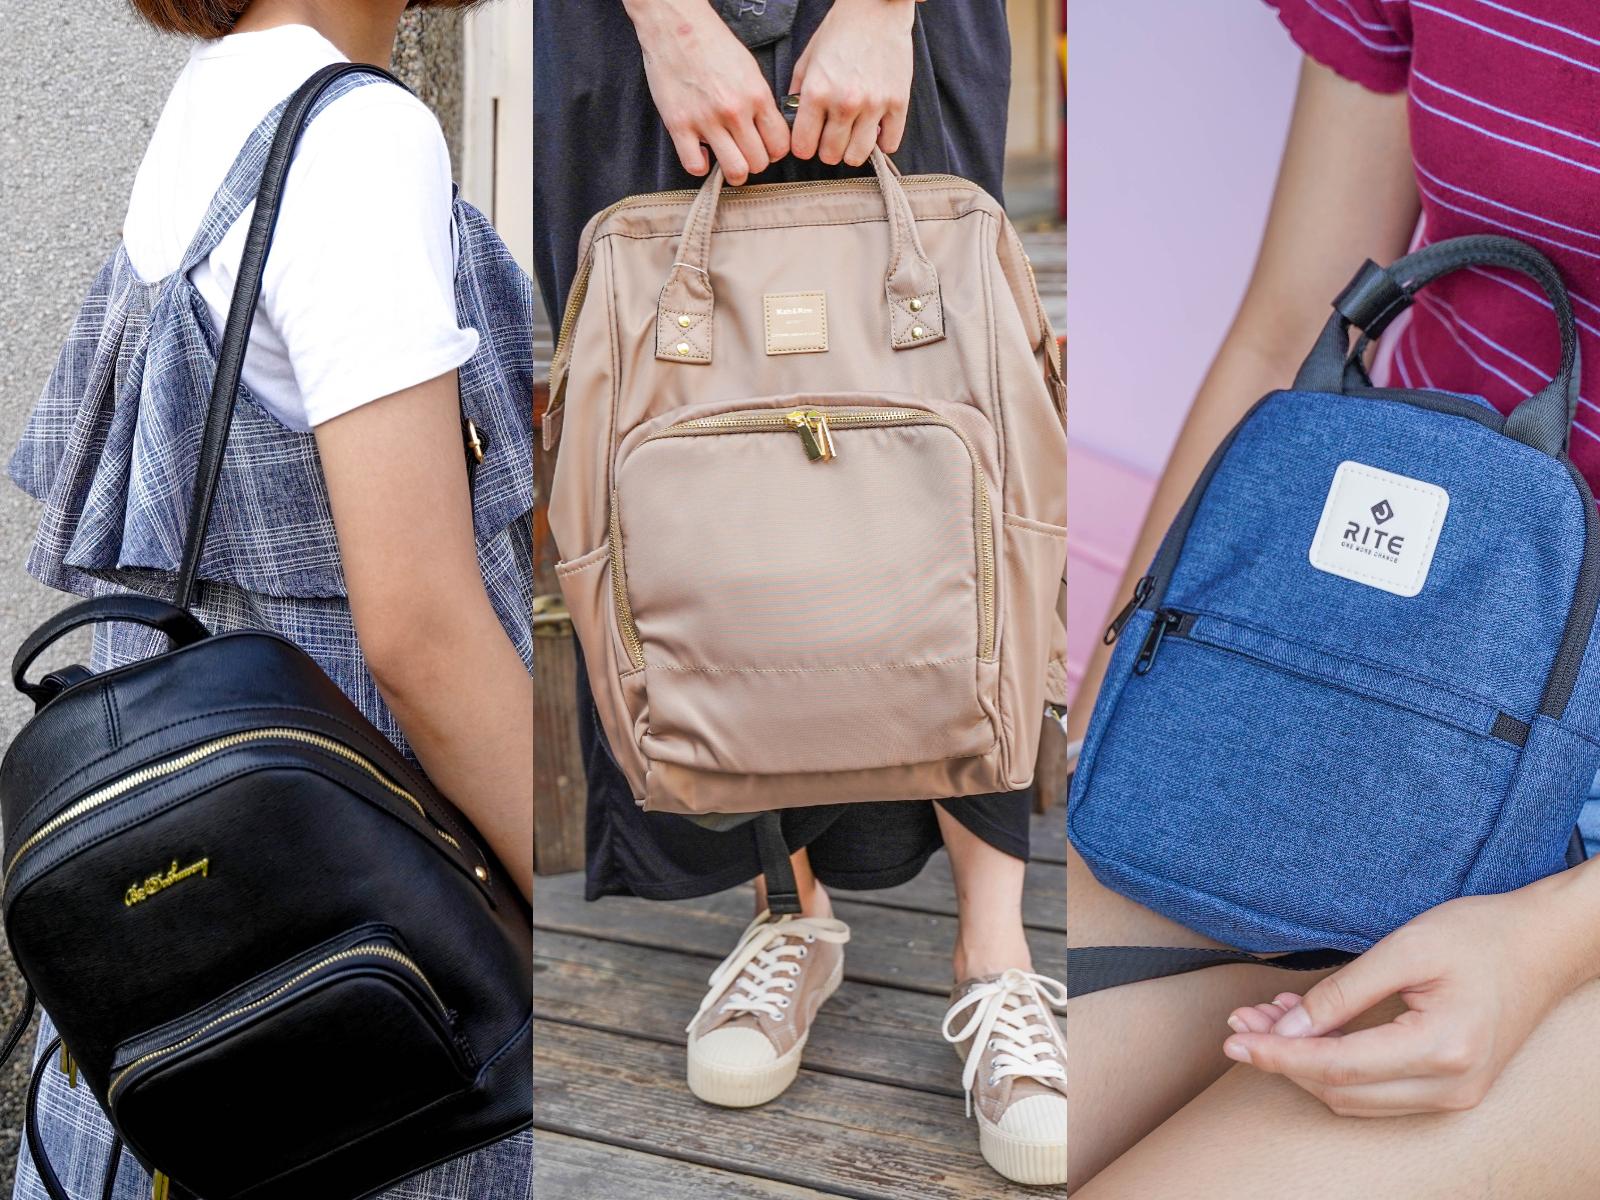 【背包品牌推薦】大學生穿搭背包怎麼挑?這3背包品牌好看時尚不書呆!